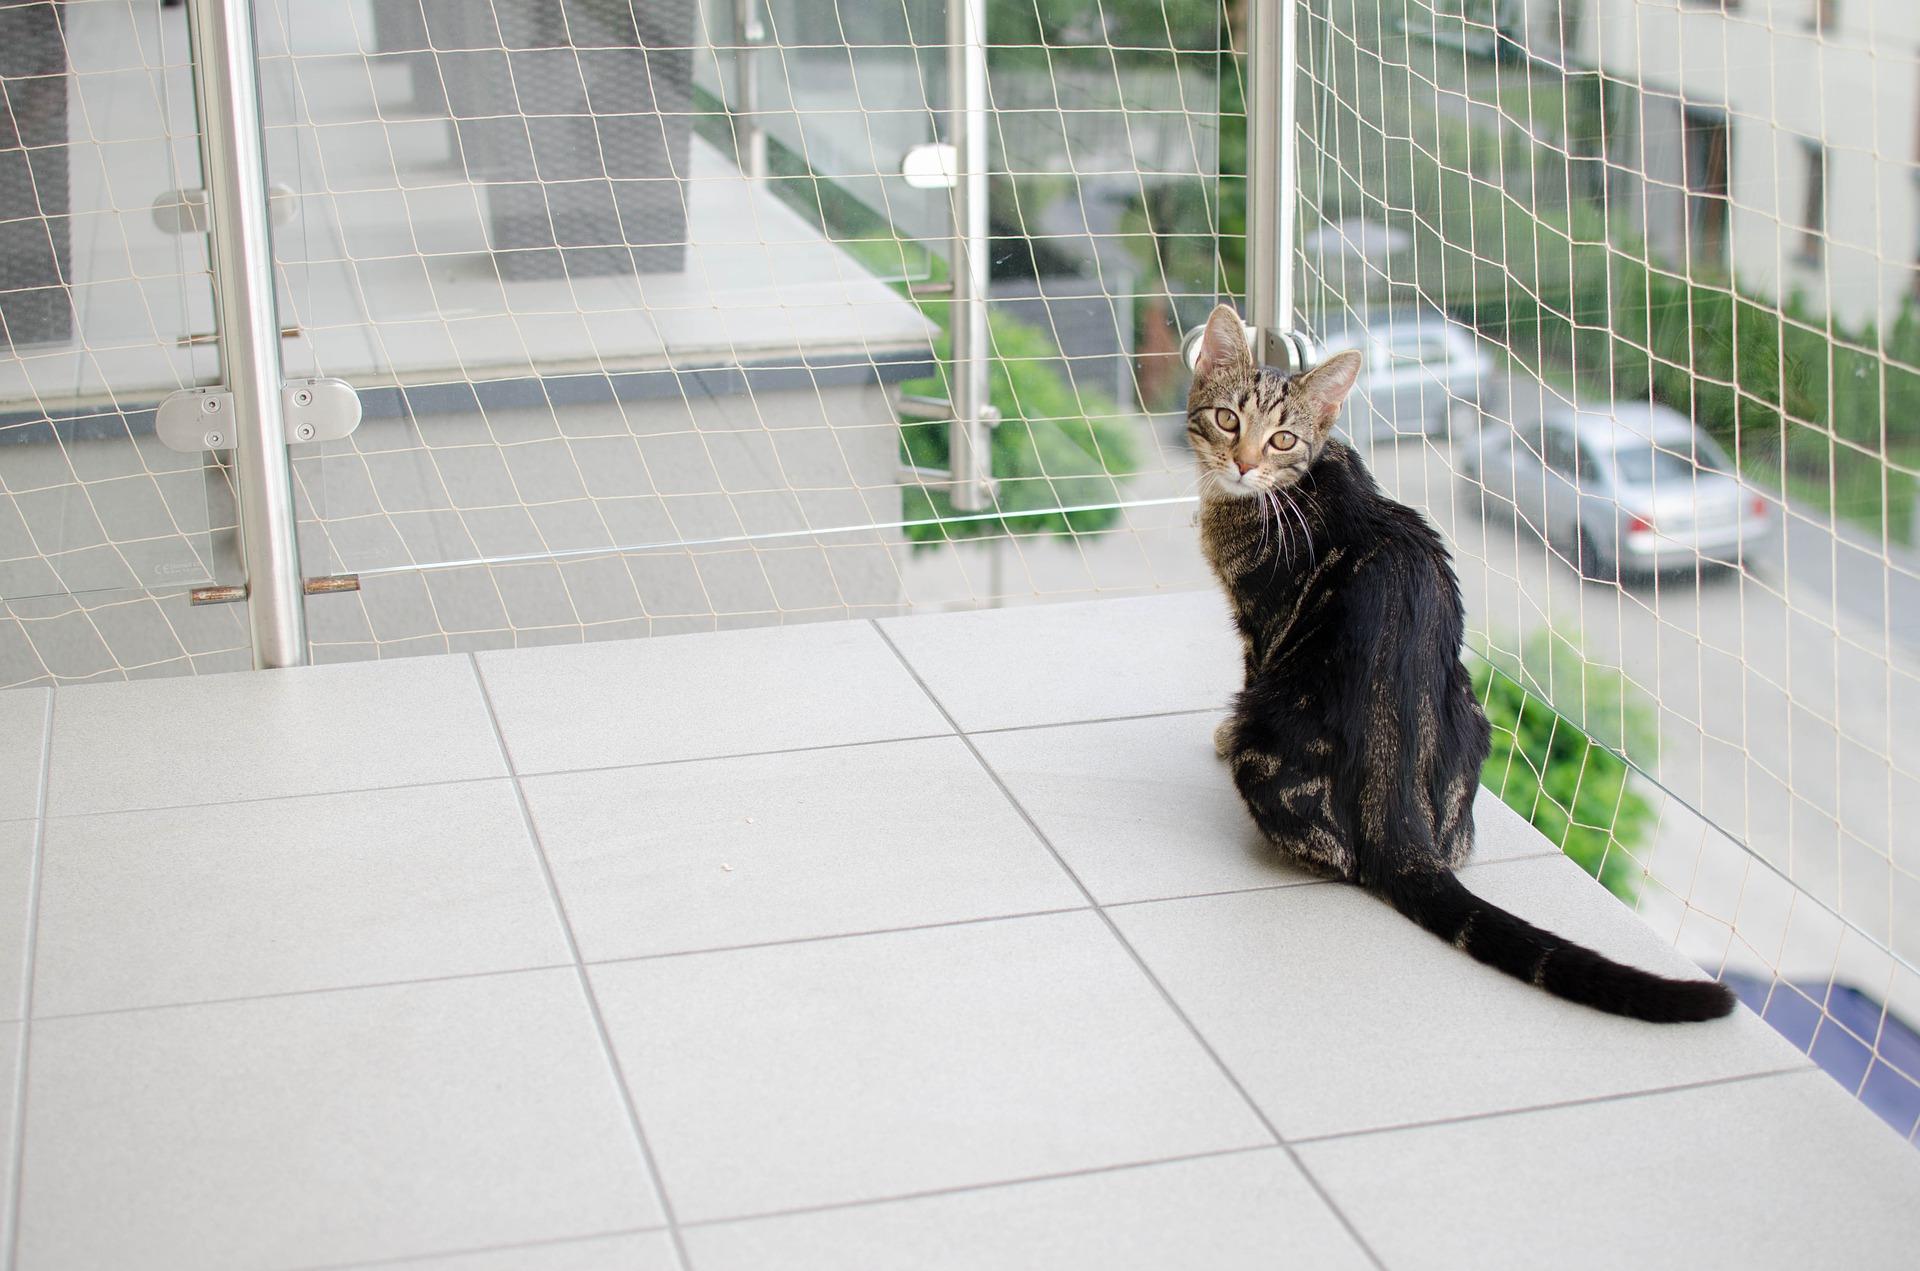 Niezabezpieczony balkon może doprowadzić do śmiertelnego wypadku - wypadnięcia lub wyskoczenia podczas polowania kota.